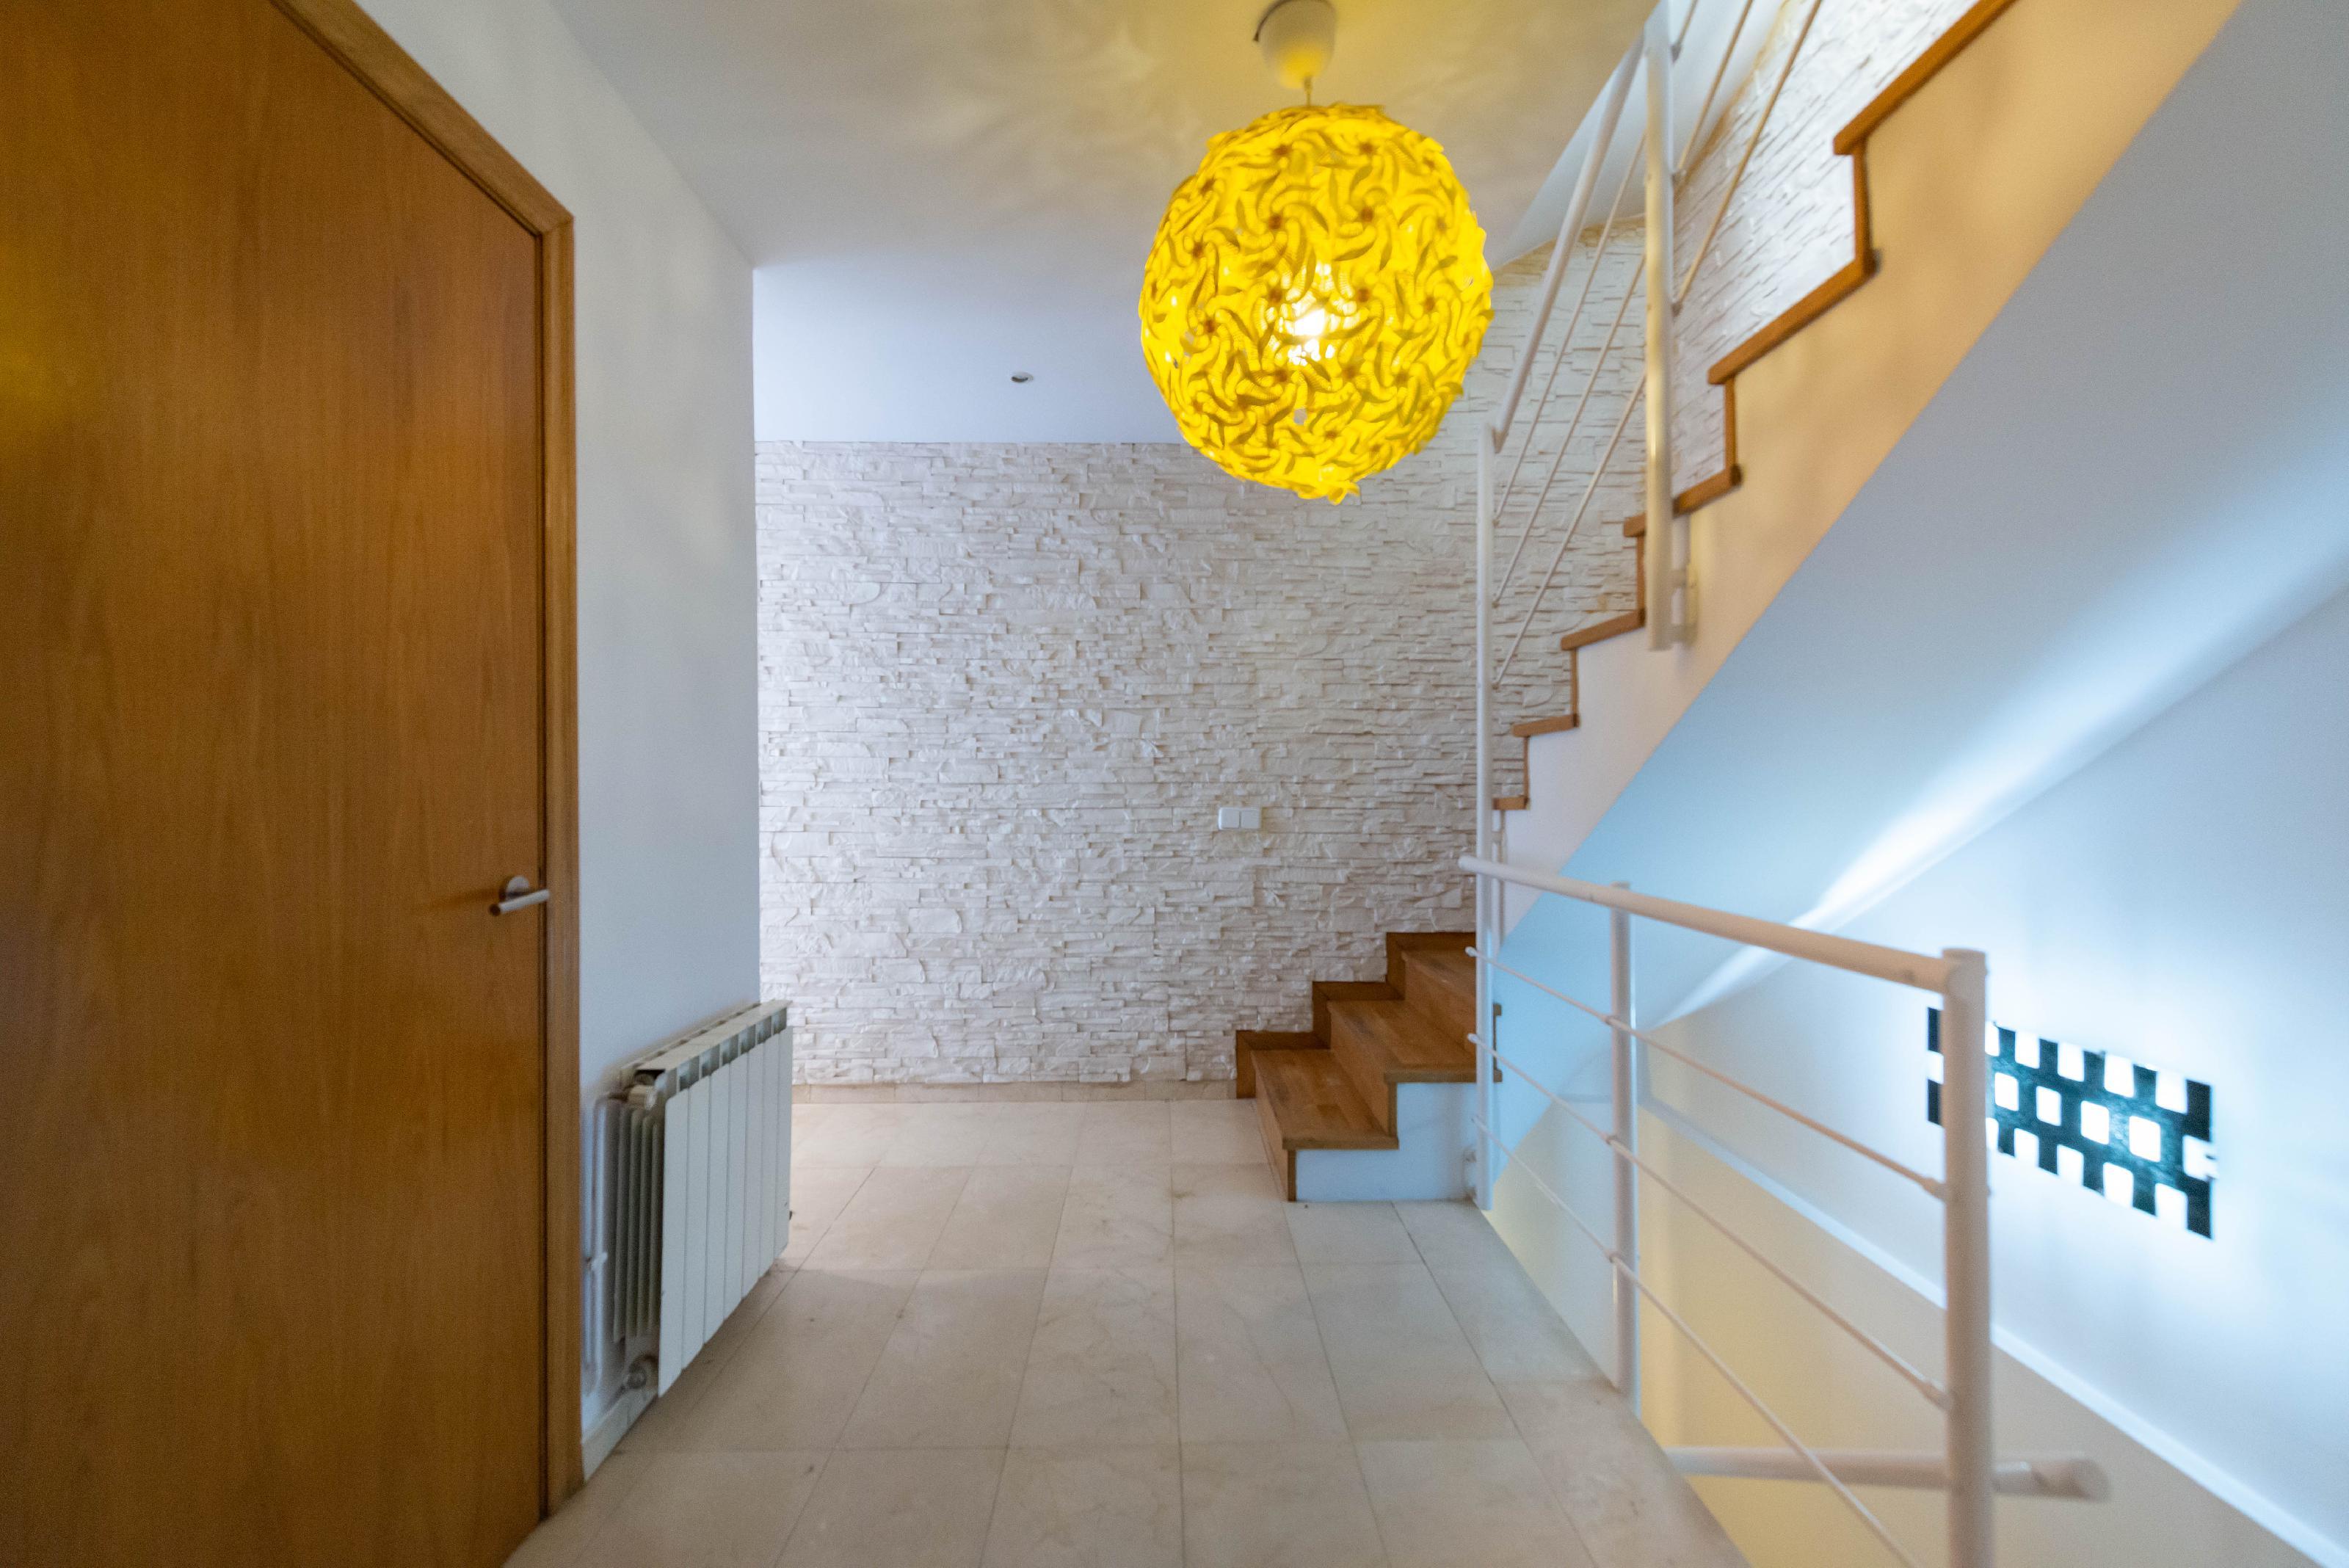 249634 House for sale in Gràcia, Vila de Gràcia 11